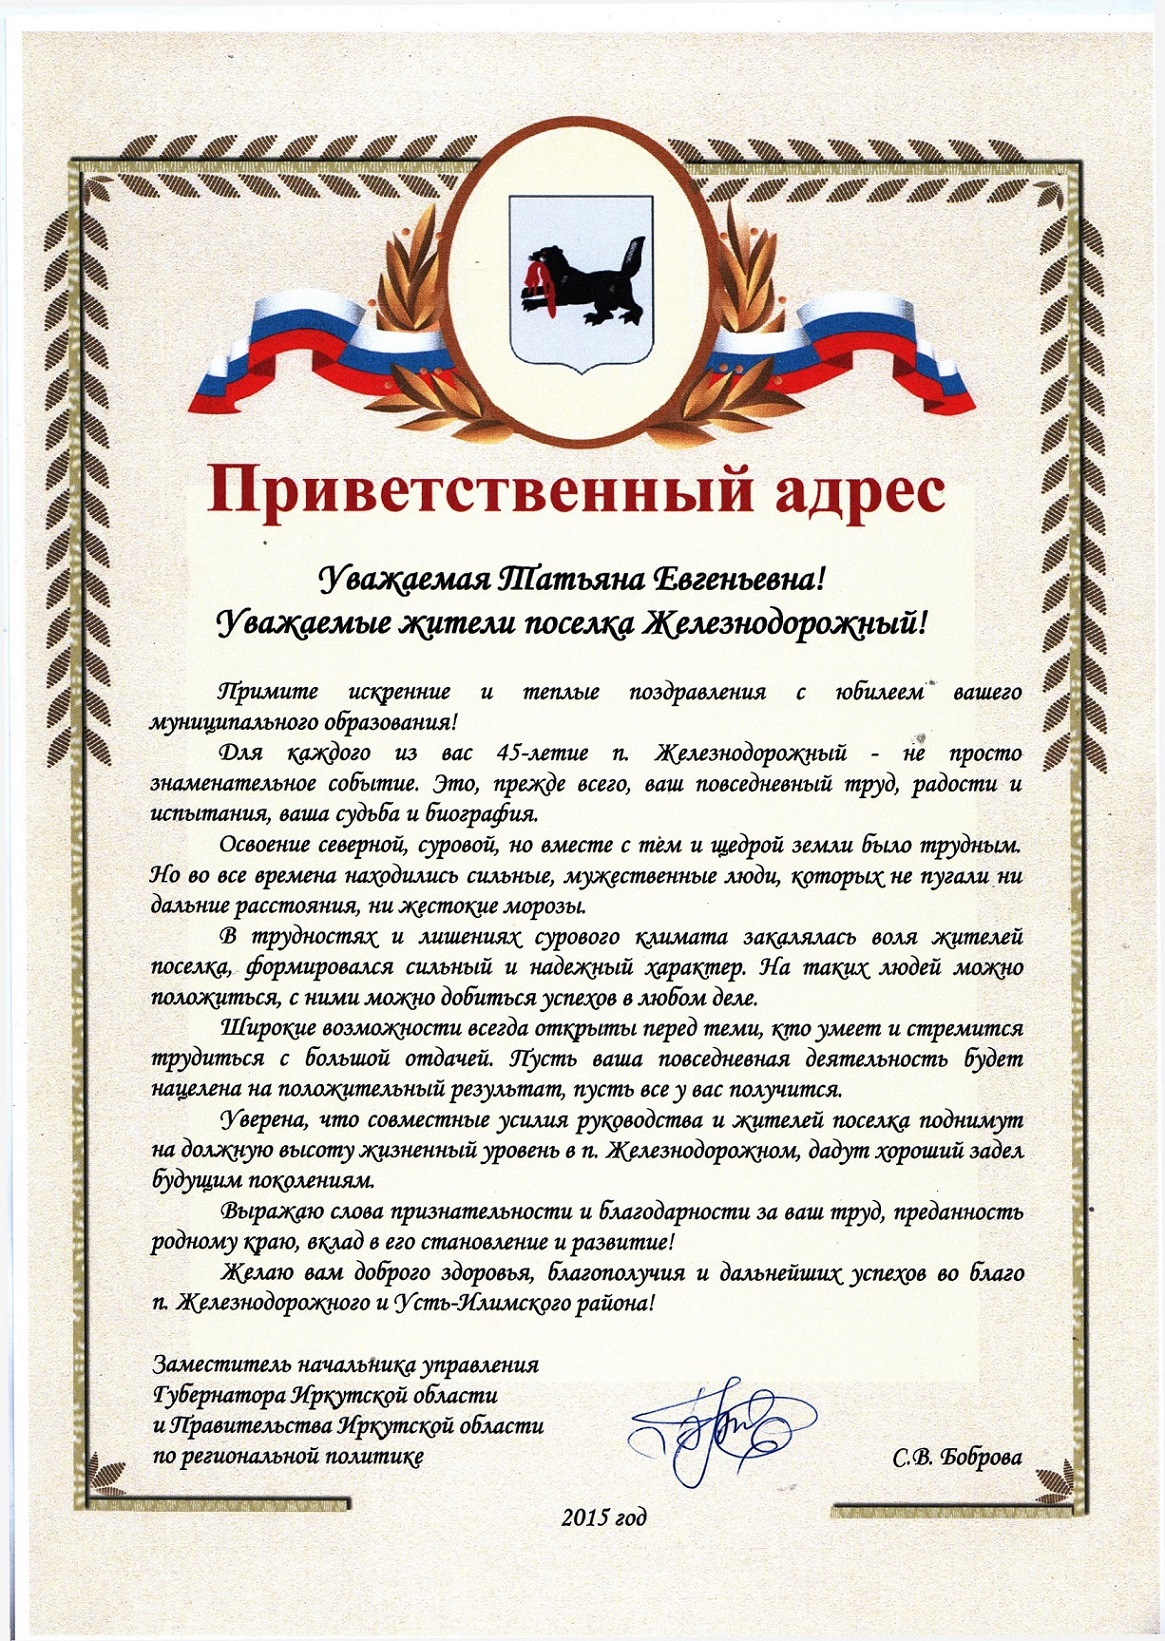 Поздравление муниципальному образованию 84